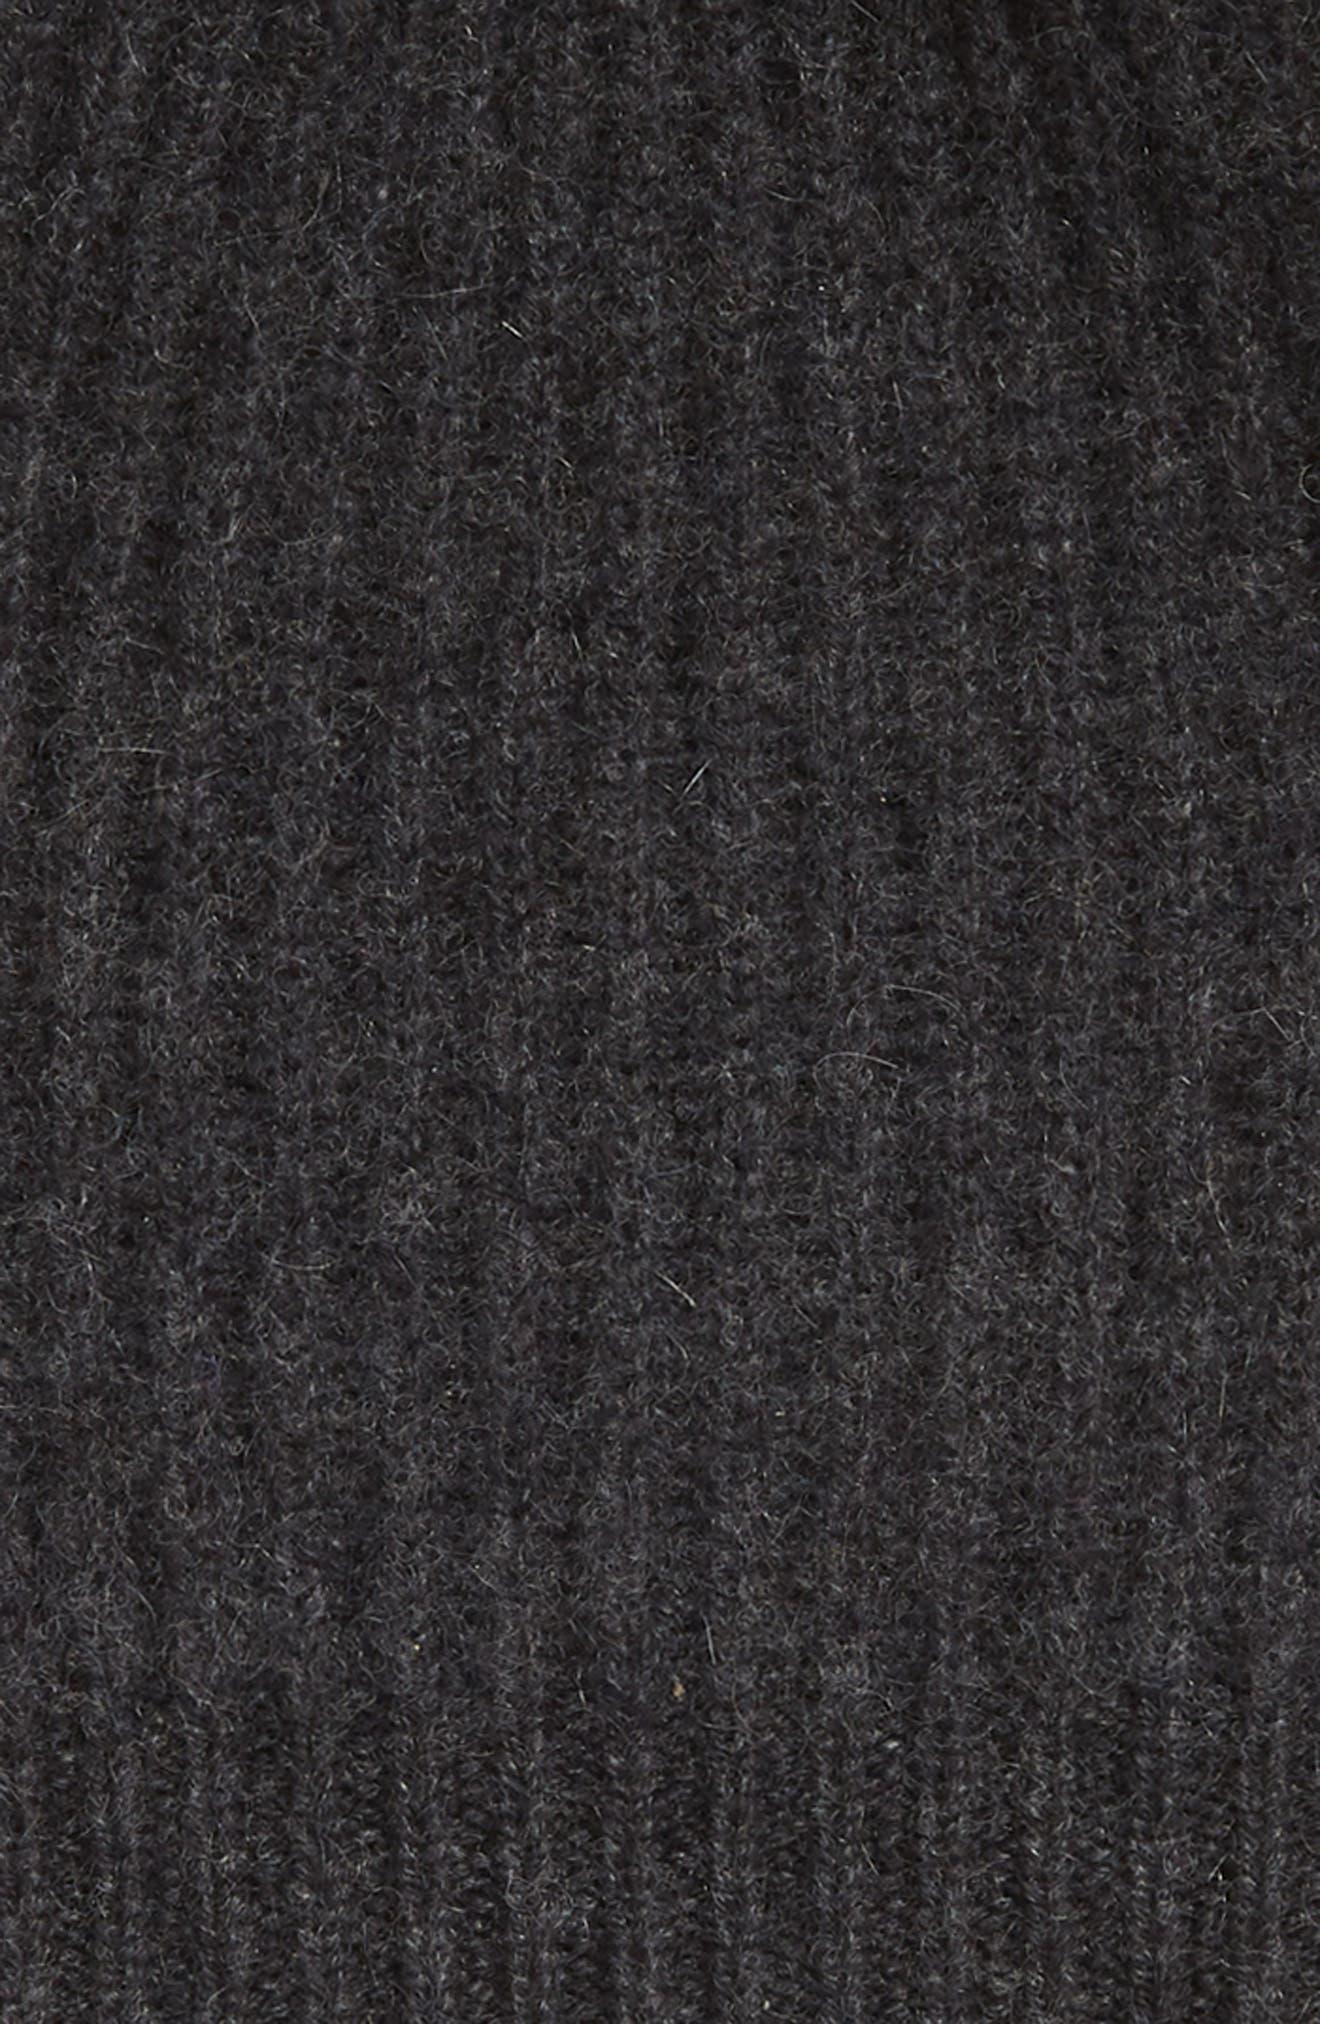 Cashmere Coordinates Hat & Arm Warmer Set,                             Alternate thumbnail 2, color,                             BLACK ROCK HEATHER